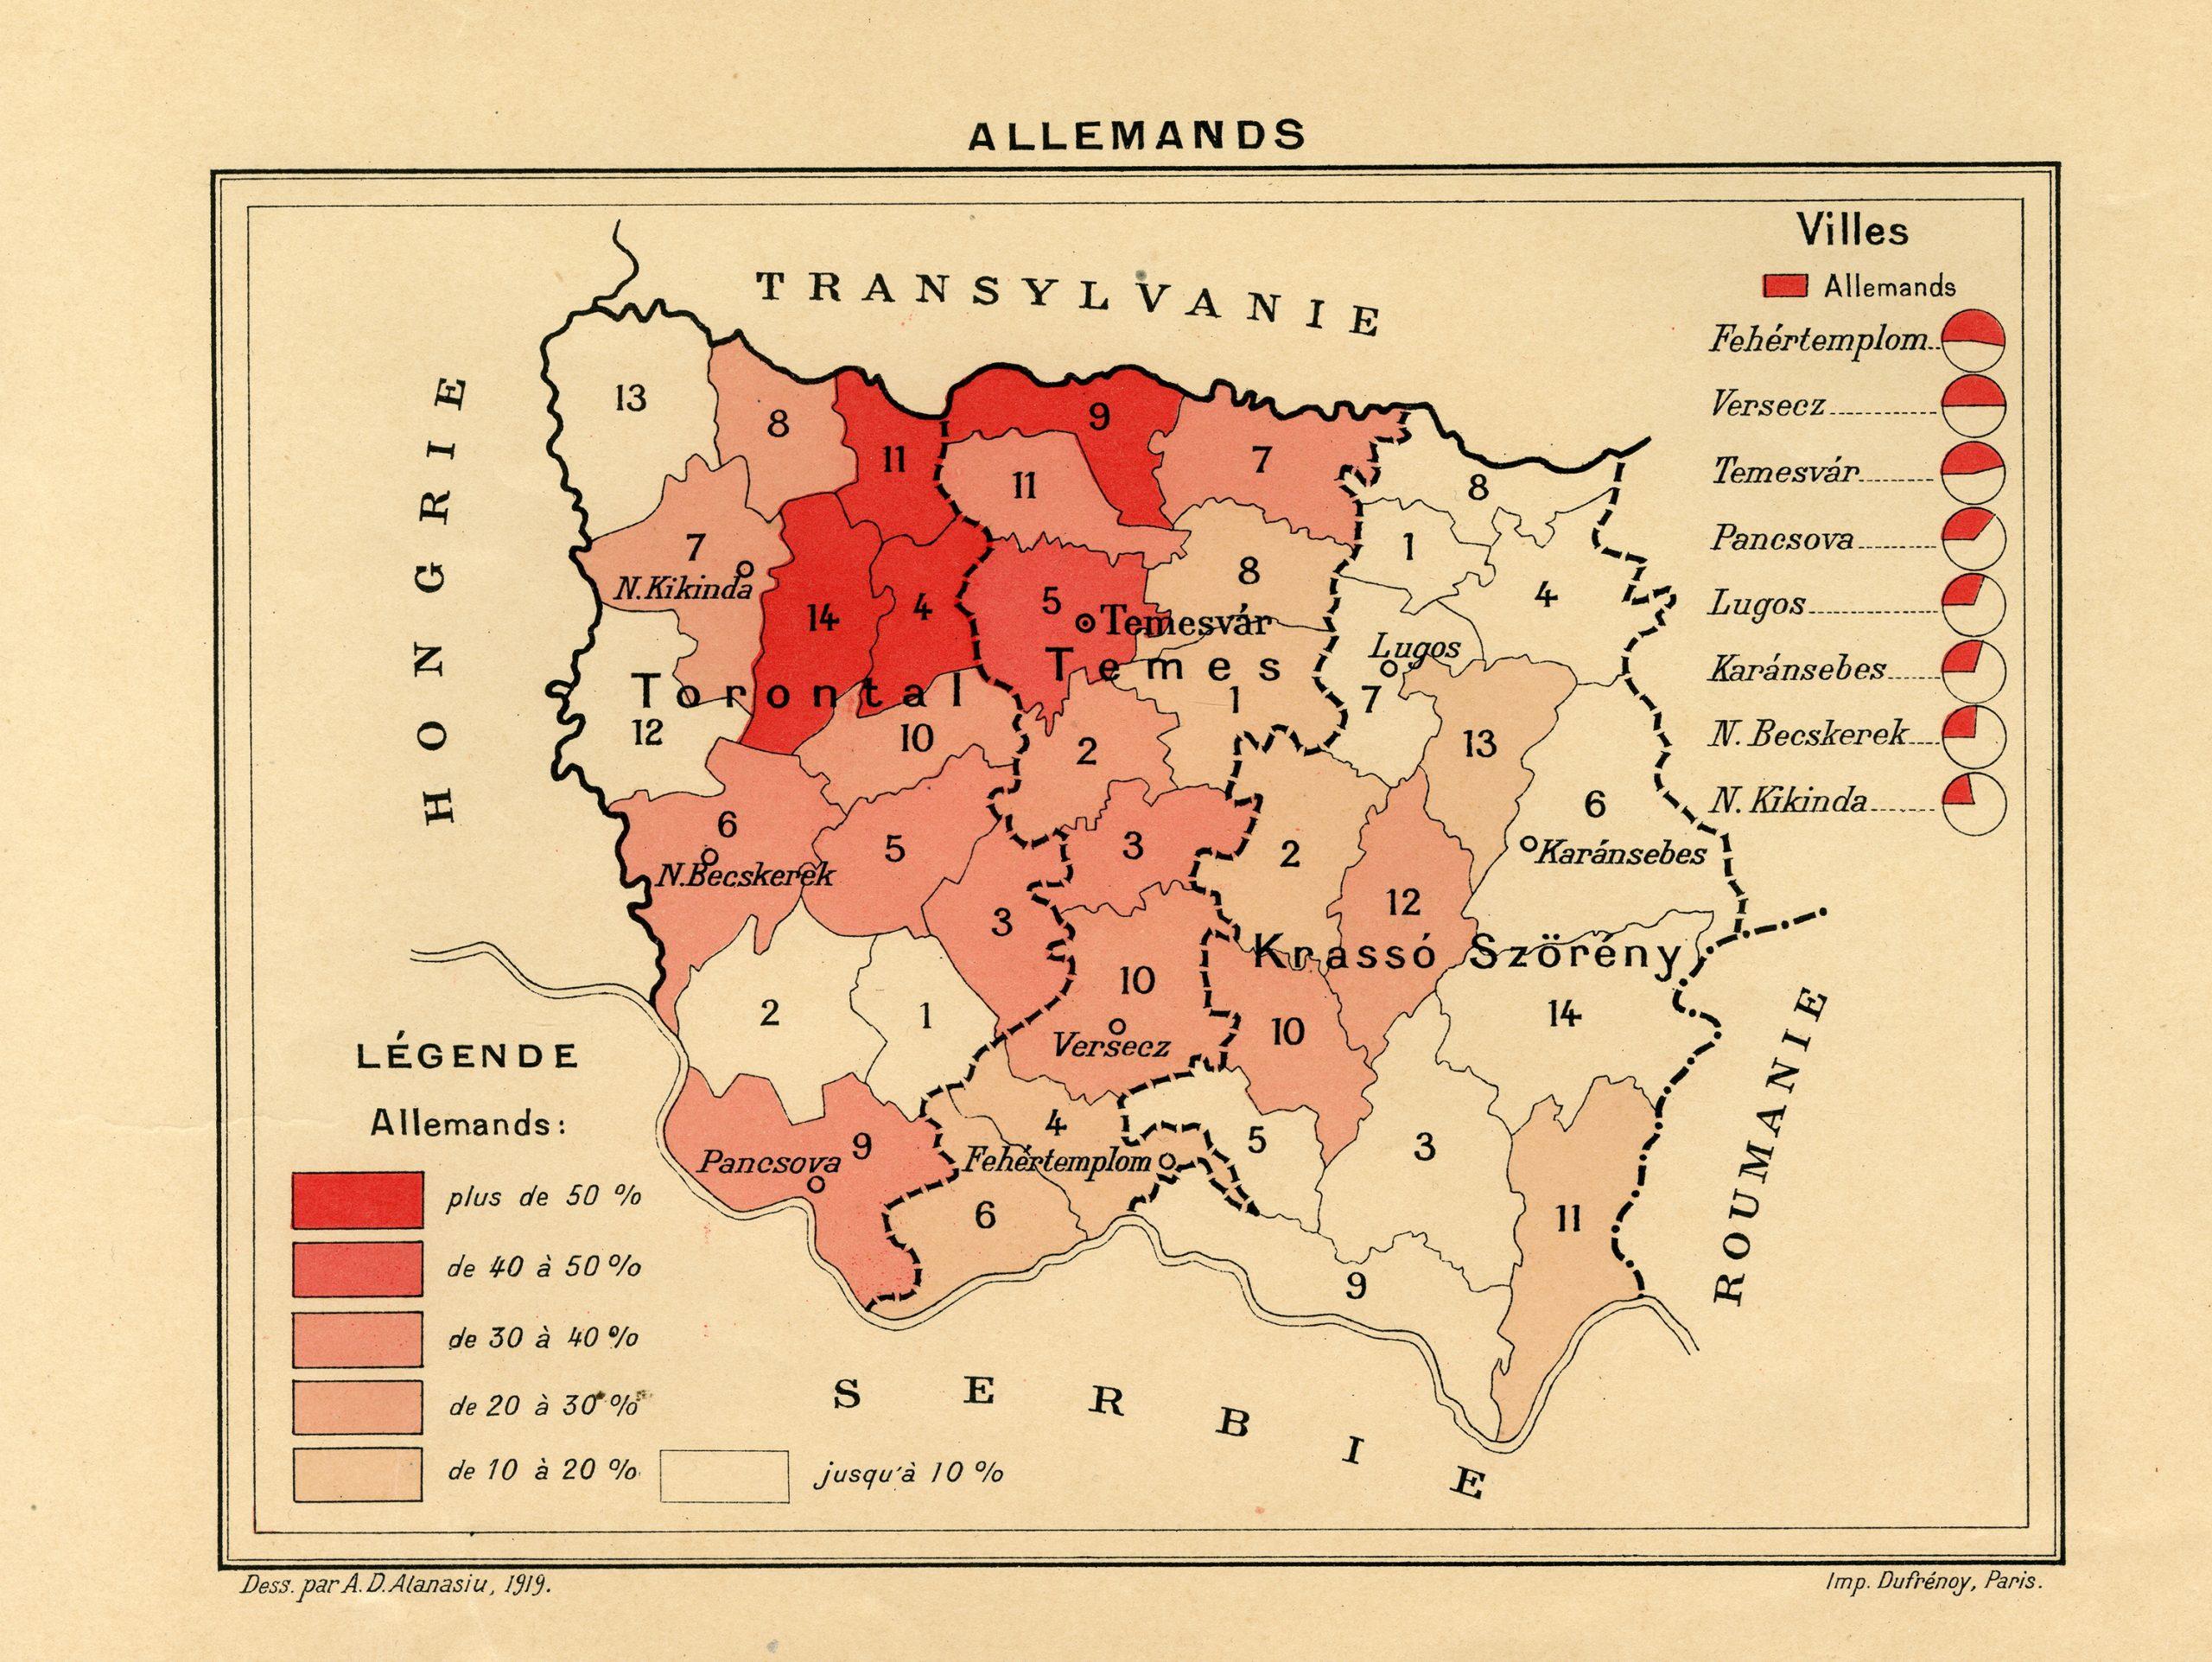 Harta Banatului – Allemands, Imprimerie Dufrenoy, Paris